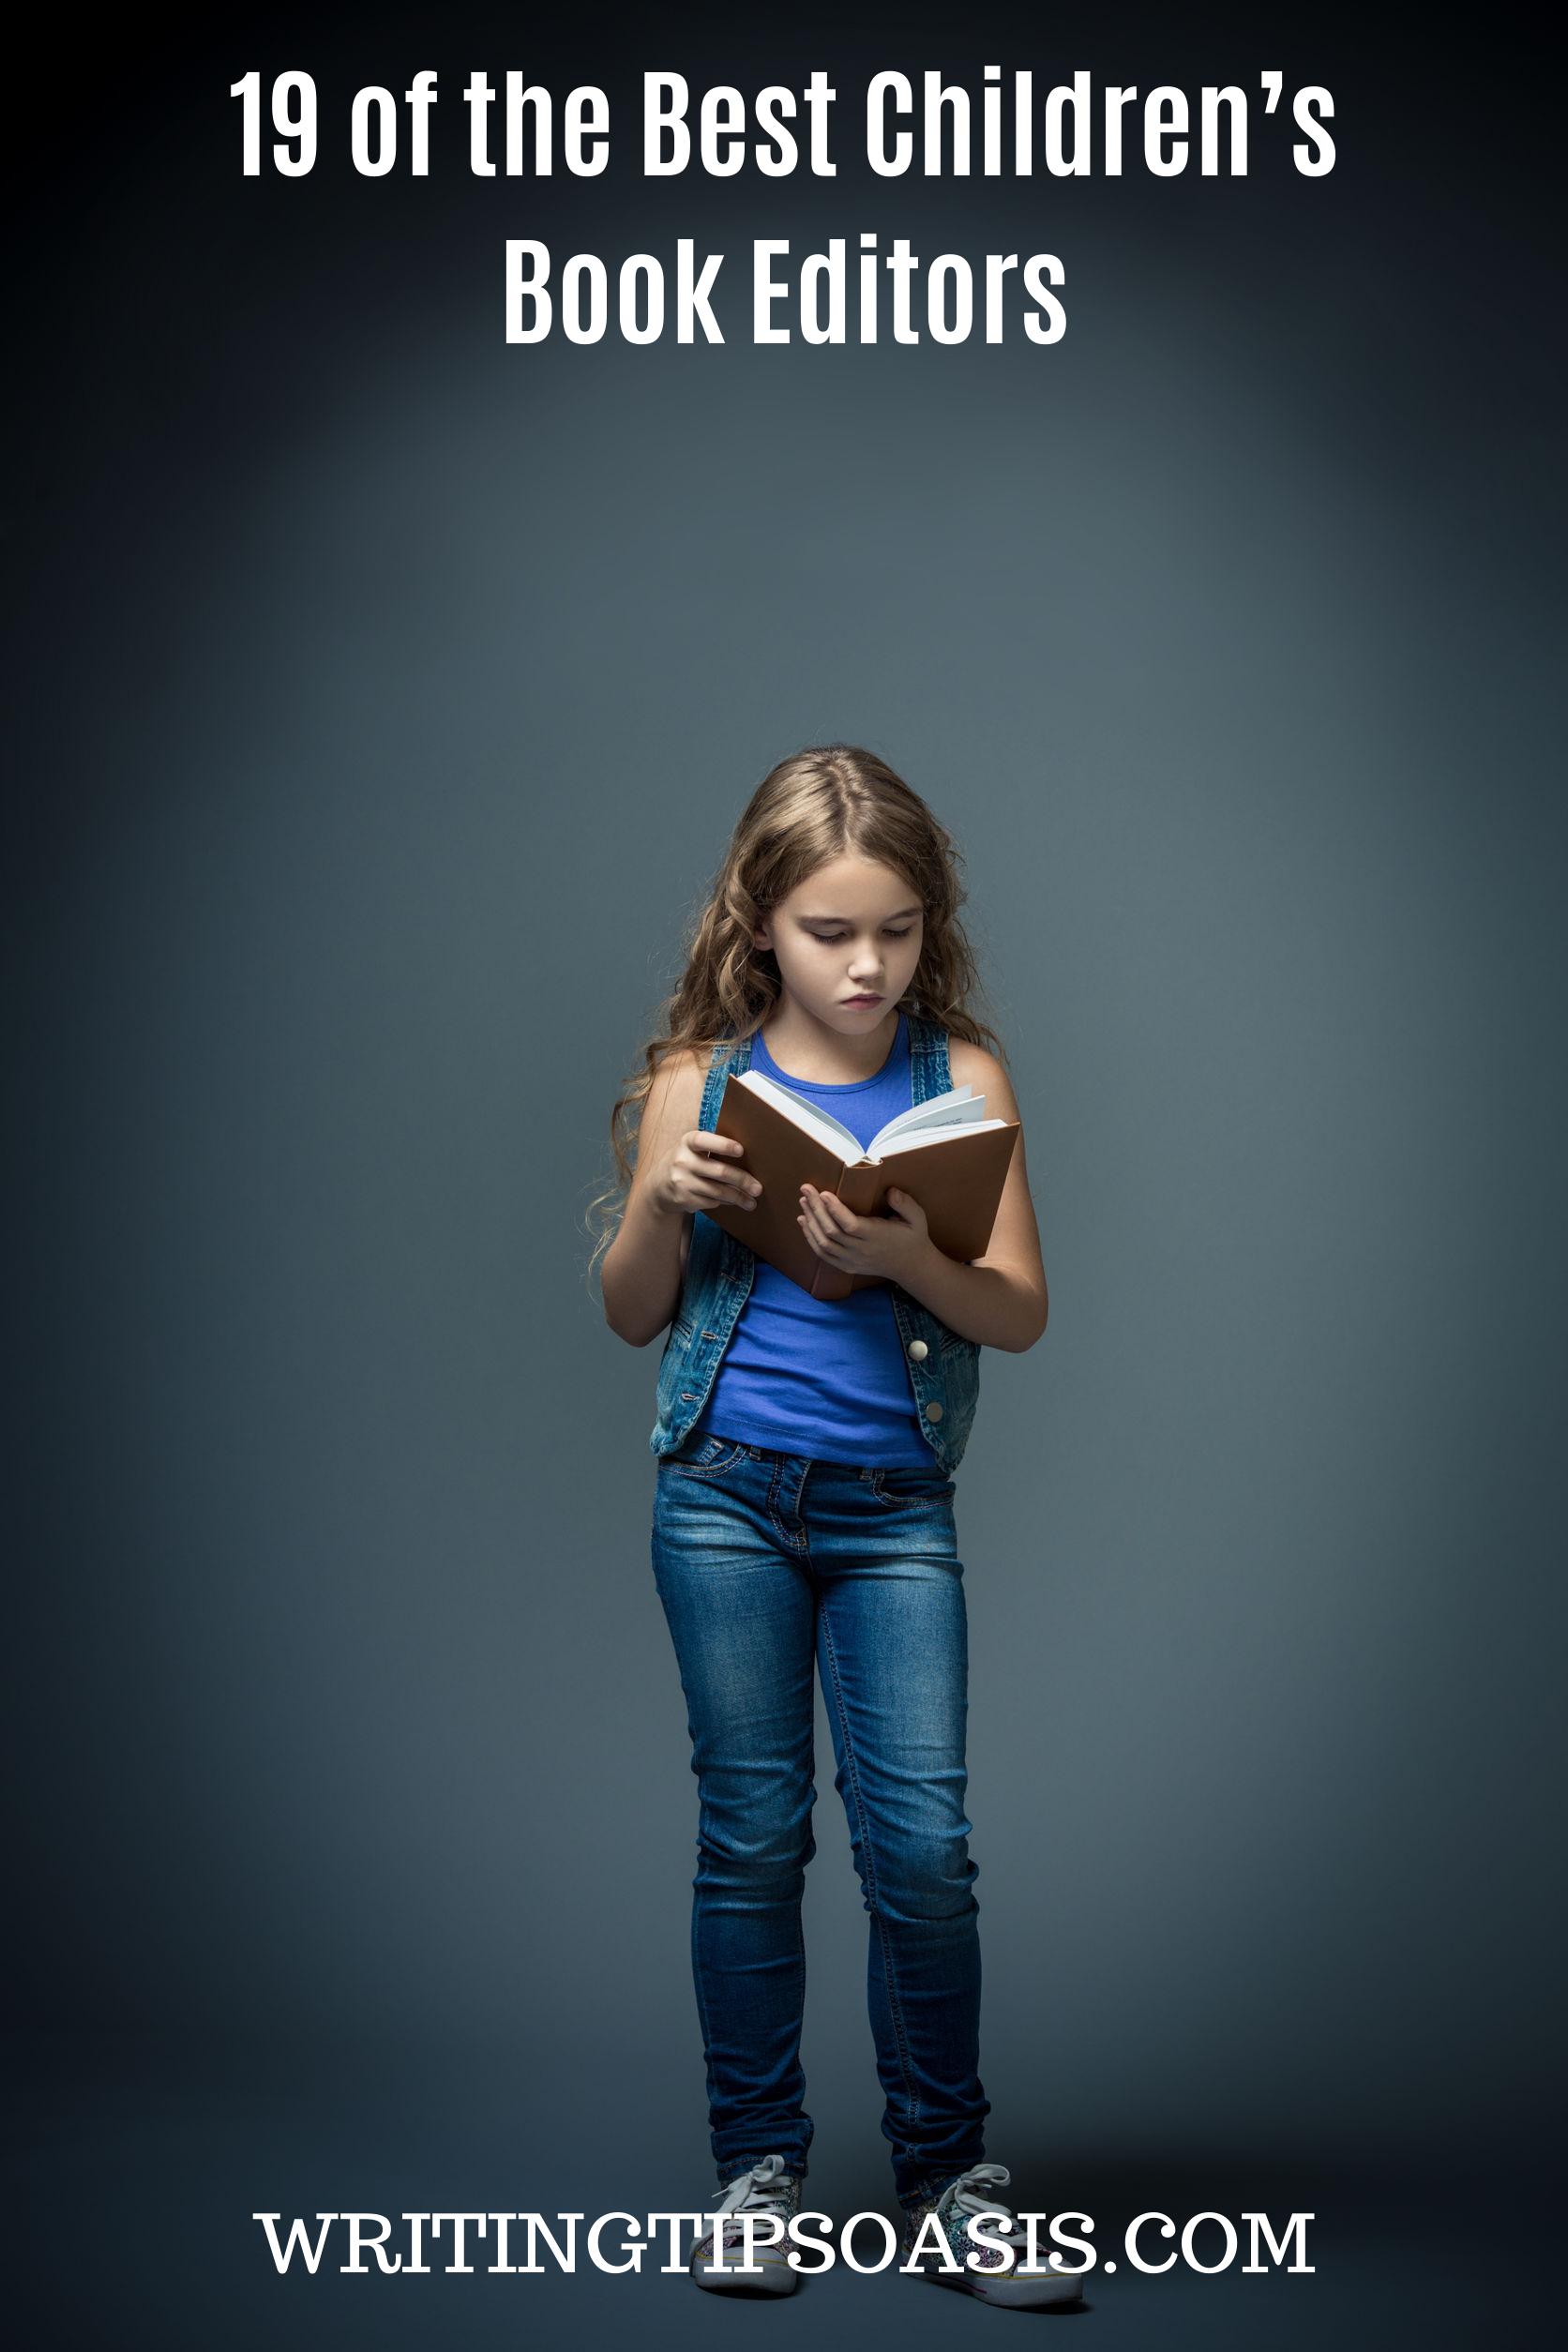 Top Children's Book Editors